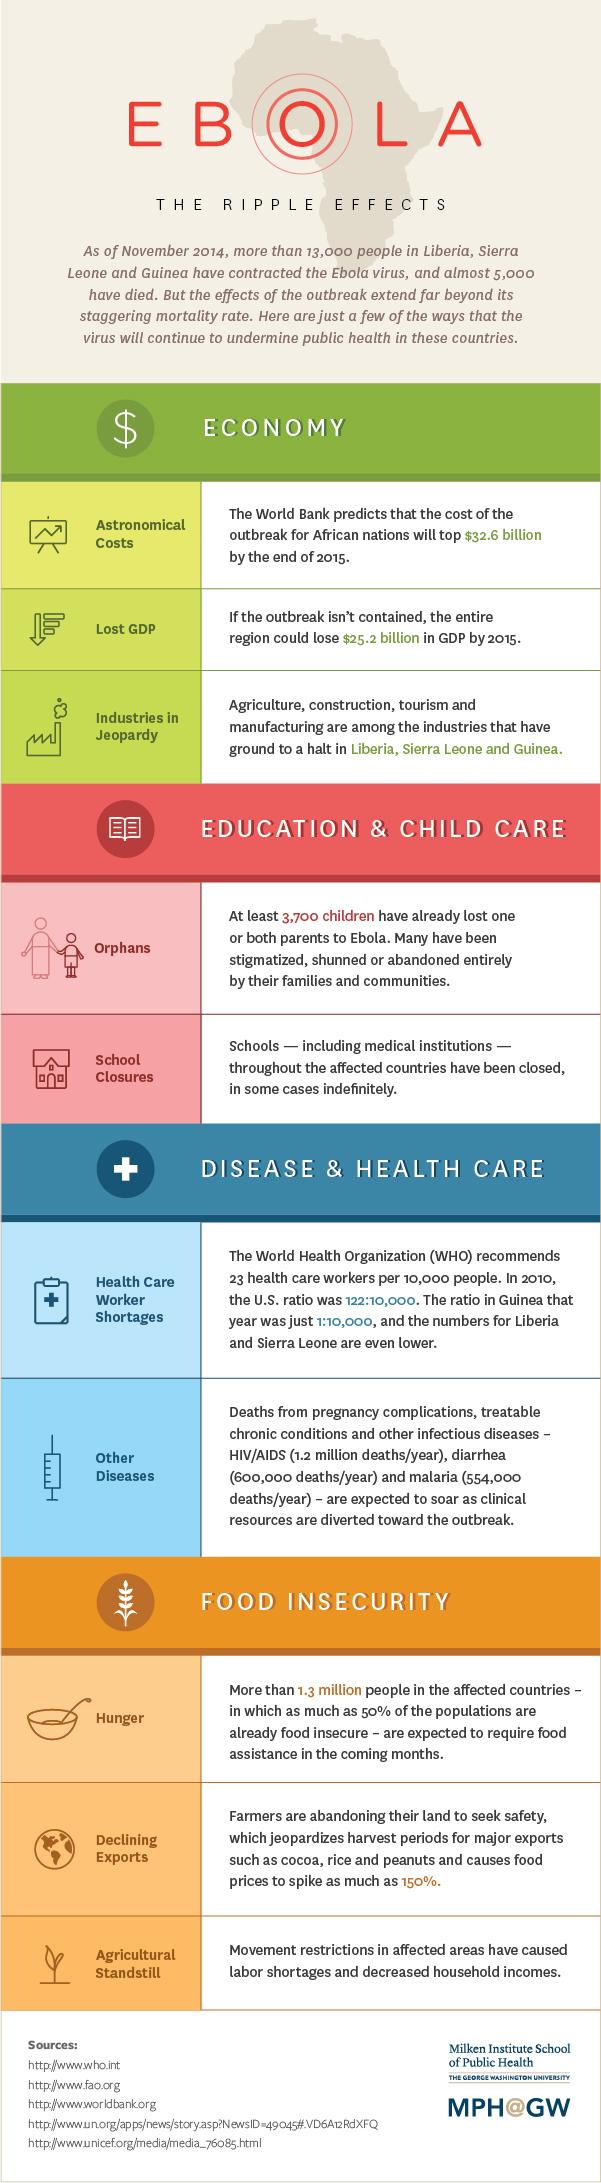 Ebola-Public-Health-Crisis-IG